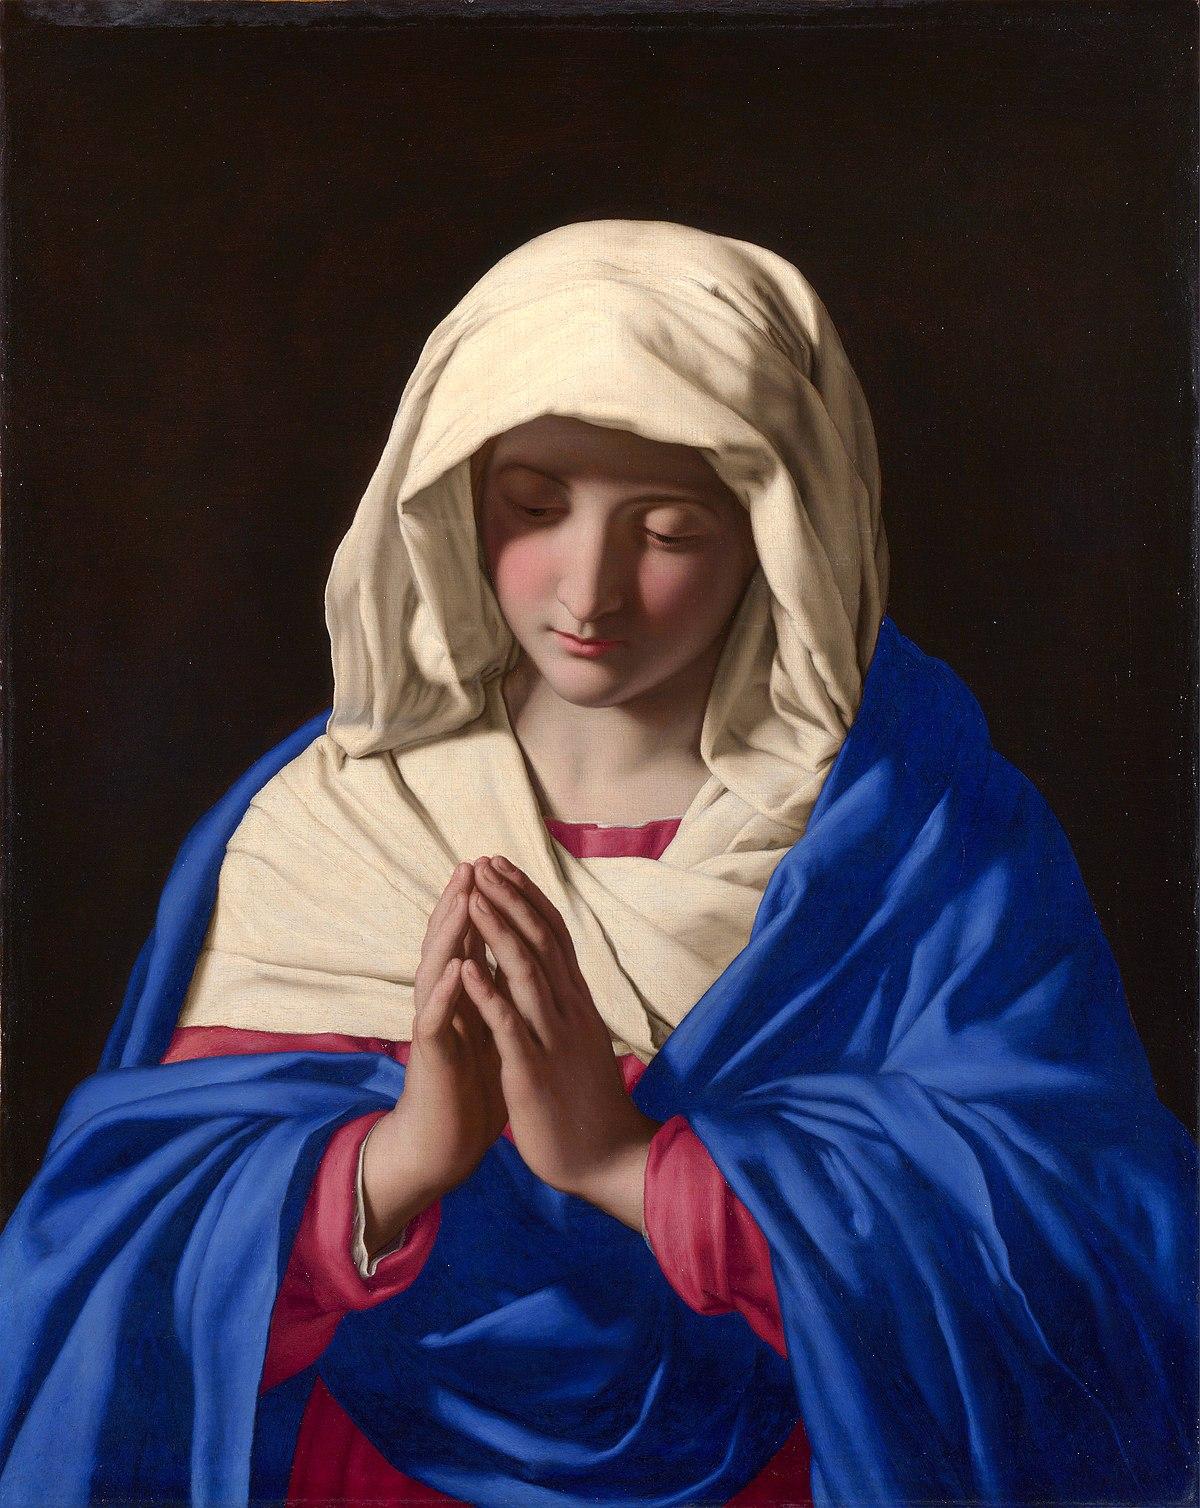 Maria Madre De Jesus Wikipedia La Enciclopedia Libre De amor y de esperanza. maria madre de jesus wikipedia la